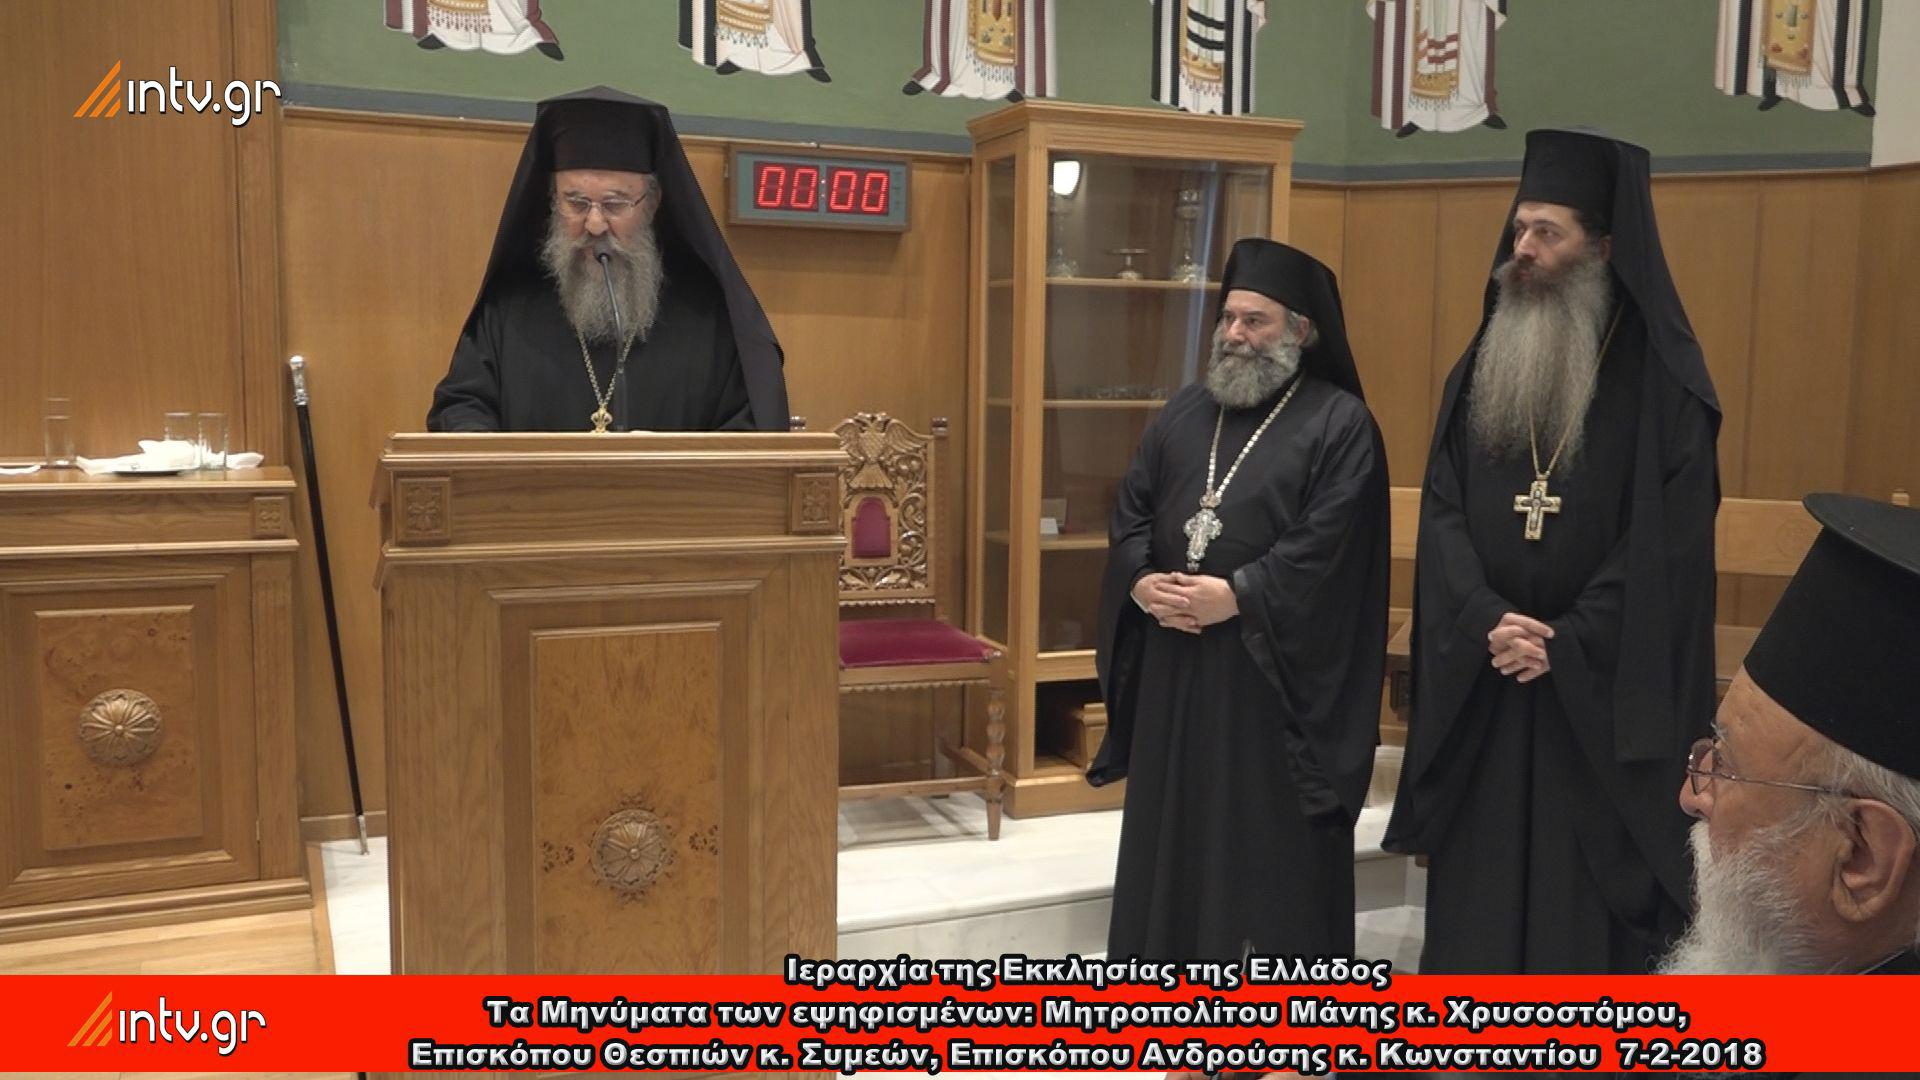 Ιεραρχία της Εκκλησίας της Ελλάδος - Τα Μηνύματα των εψηφισμένων: Μητροπολίτου Μάνης κ. Χρυσοστόμου, Επισκόπου Θεσπιών κ. Συμεών, Επισκόπου Ανδρούσης κ. Κωνσταντίου